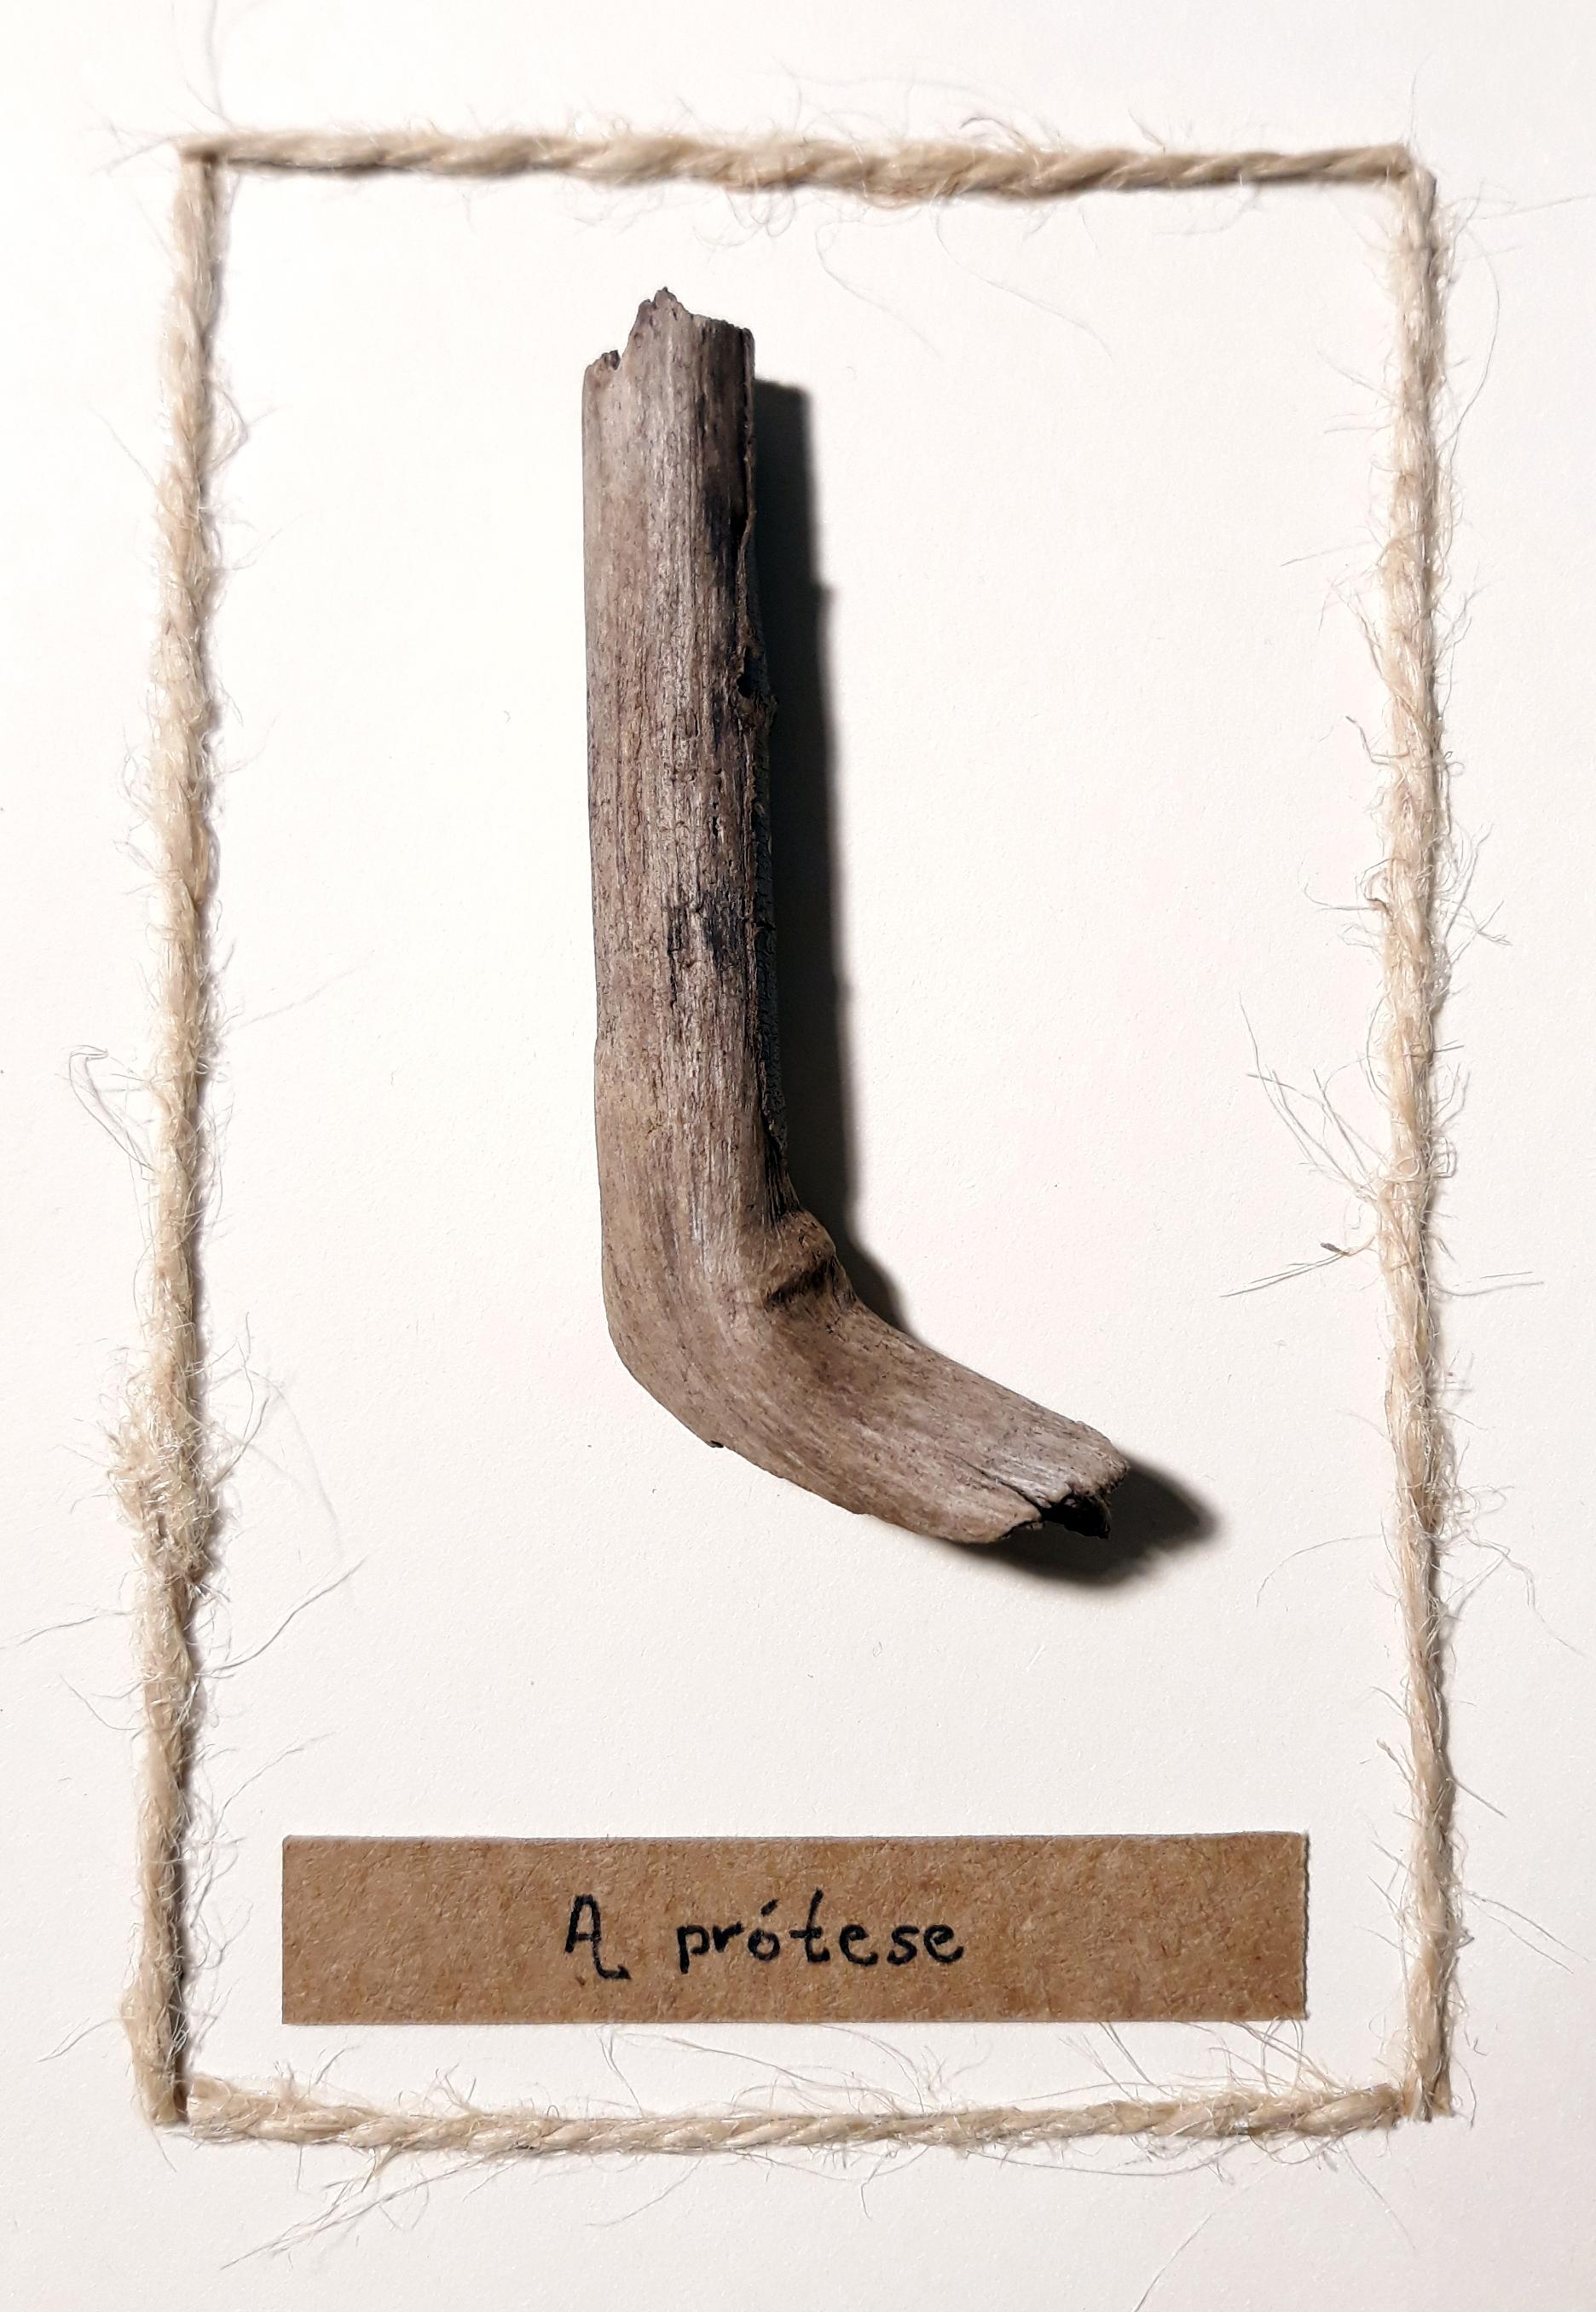 A protese